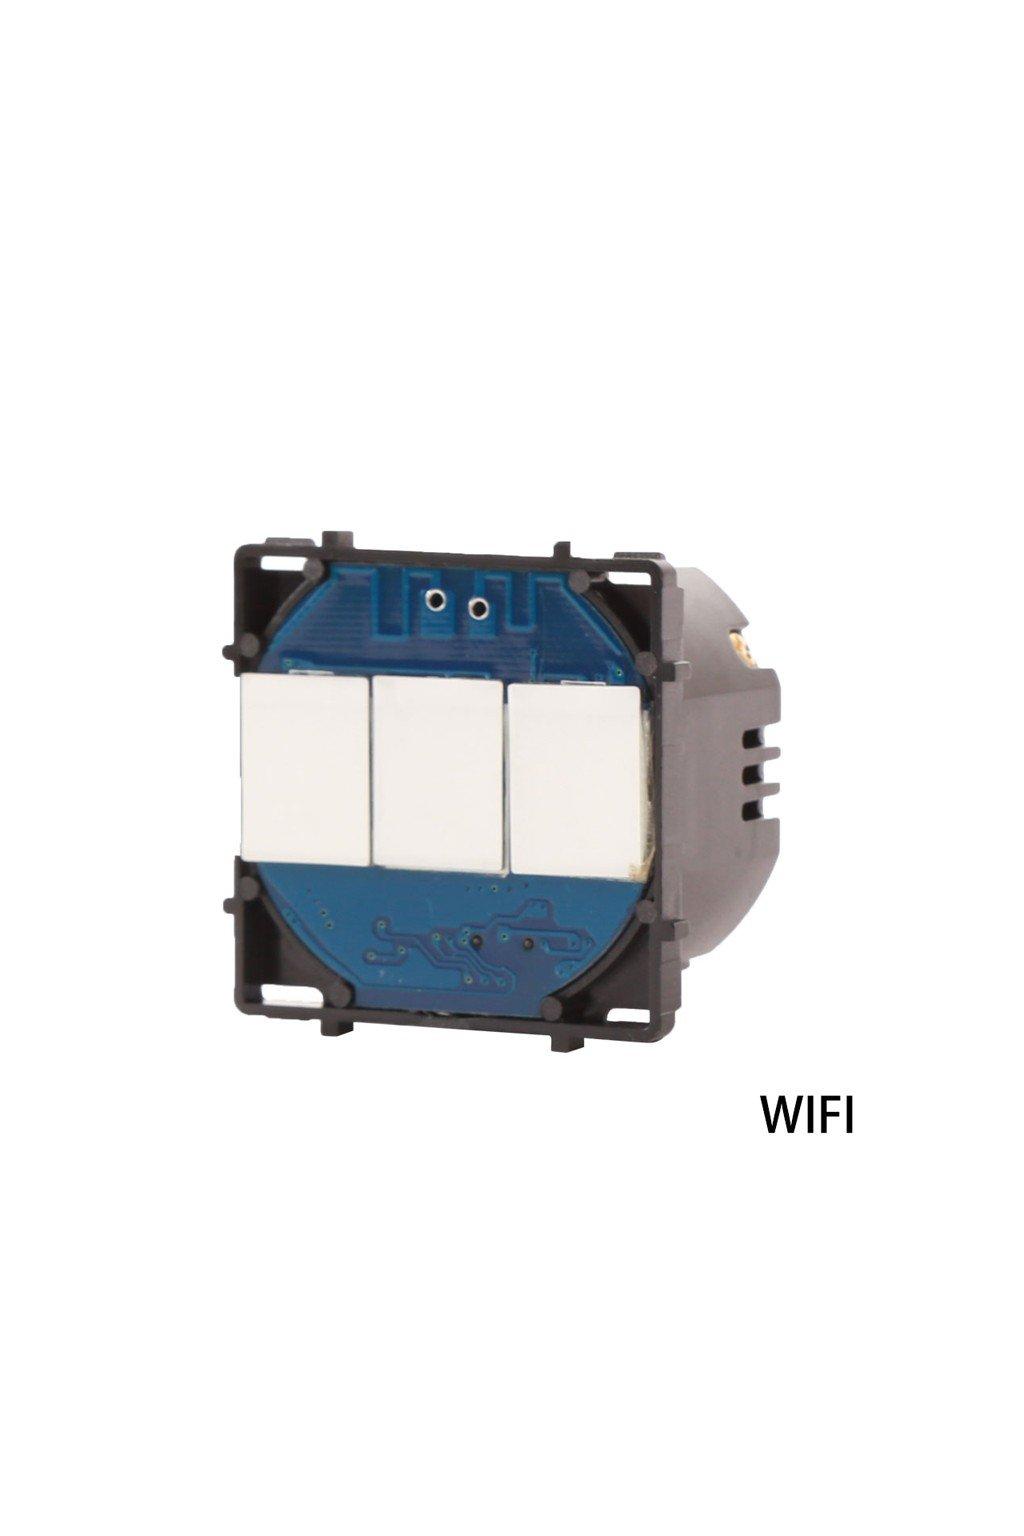 Dotykový modul WIFI - Stmievač - radenie č.1